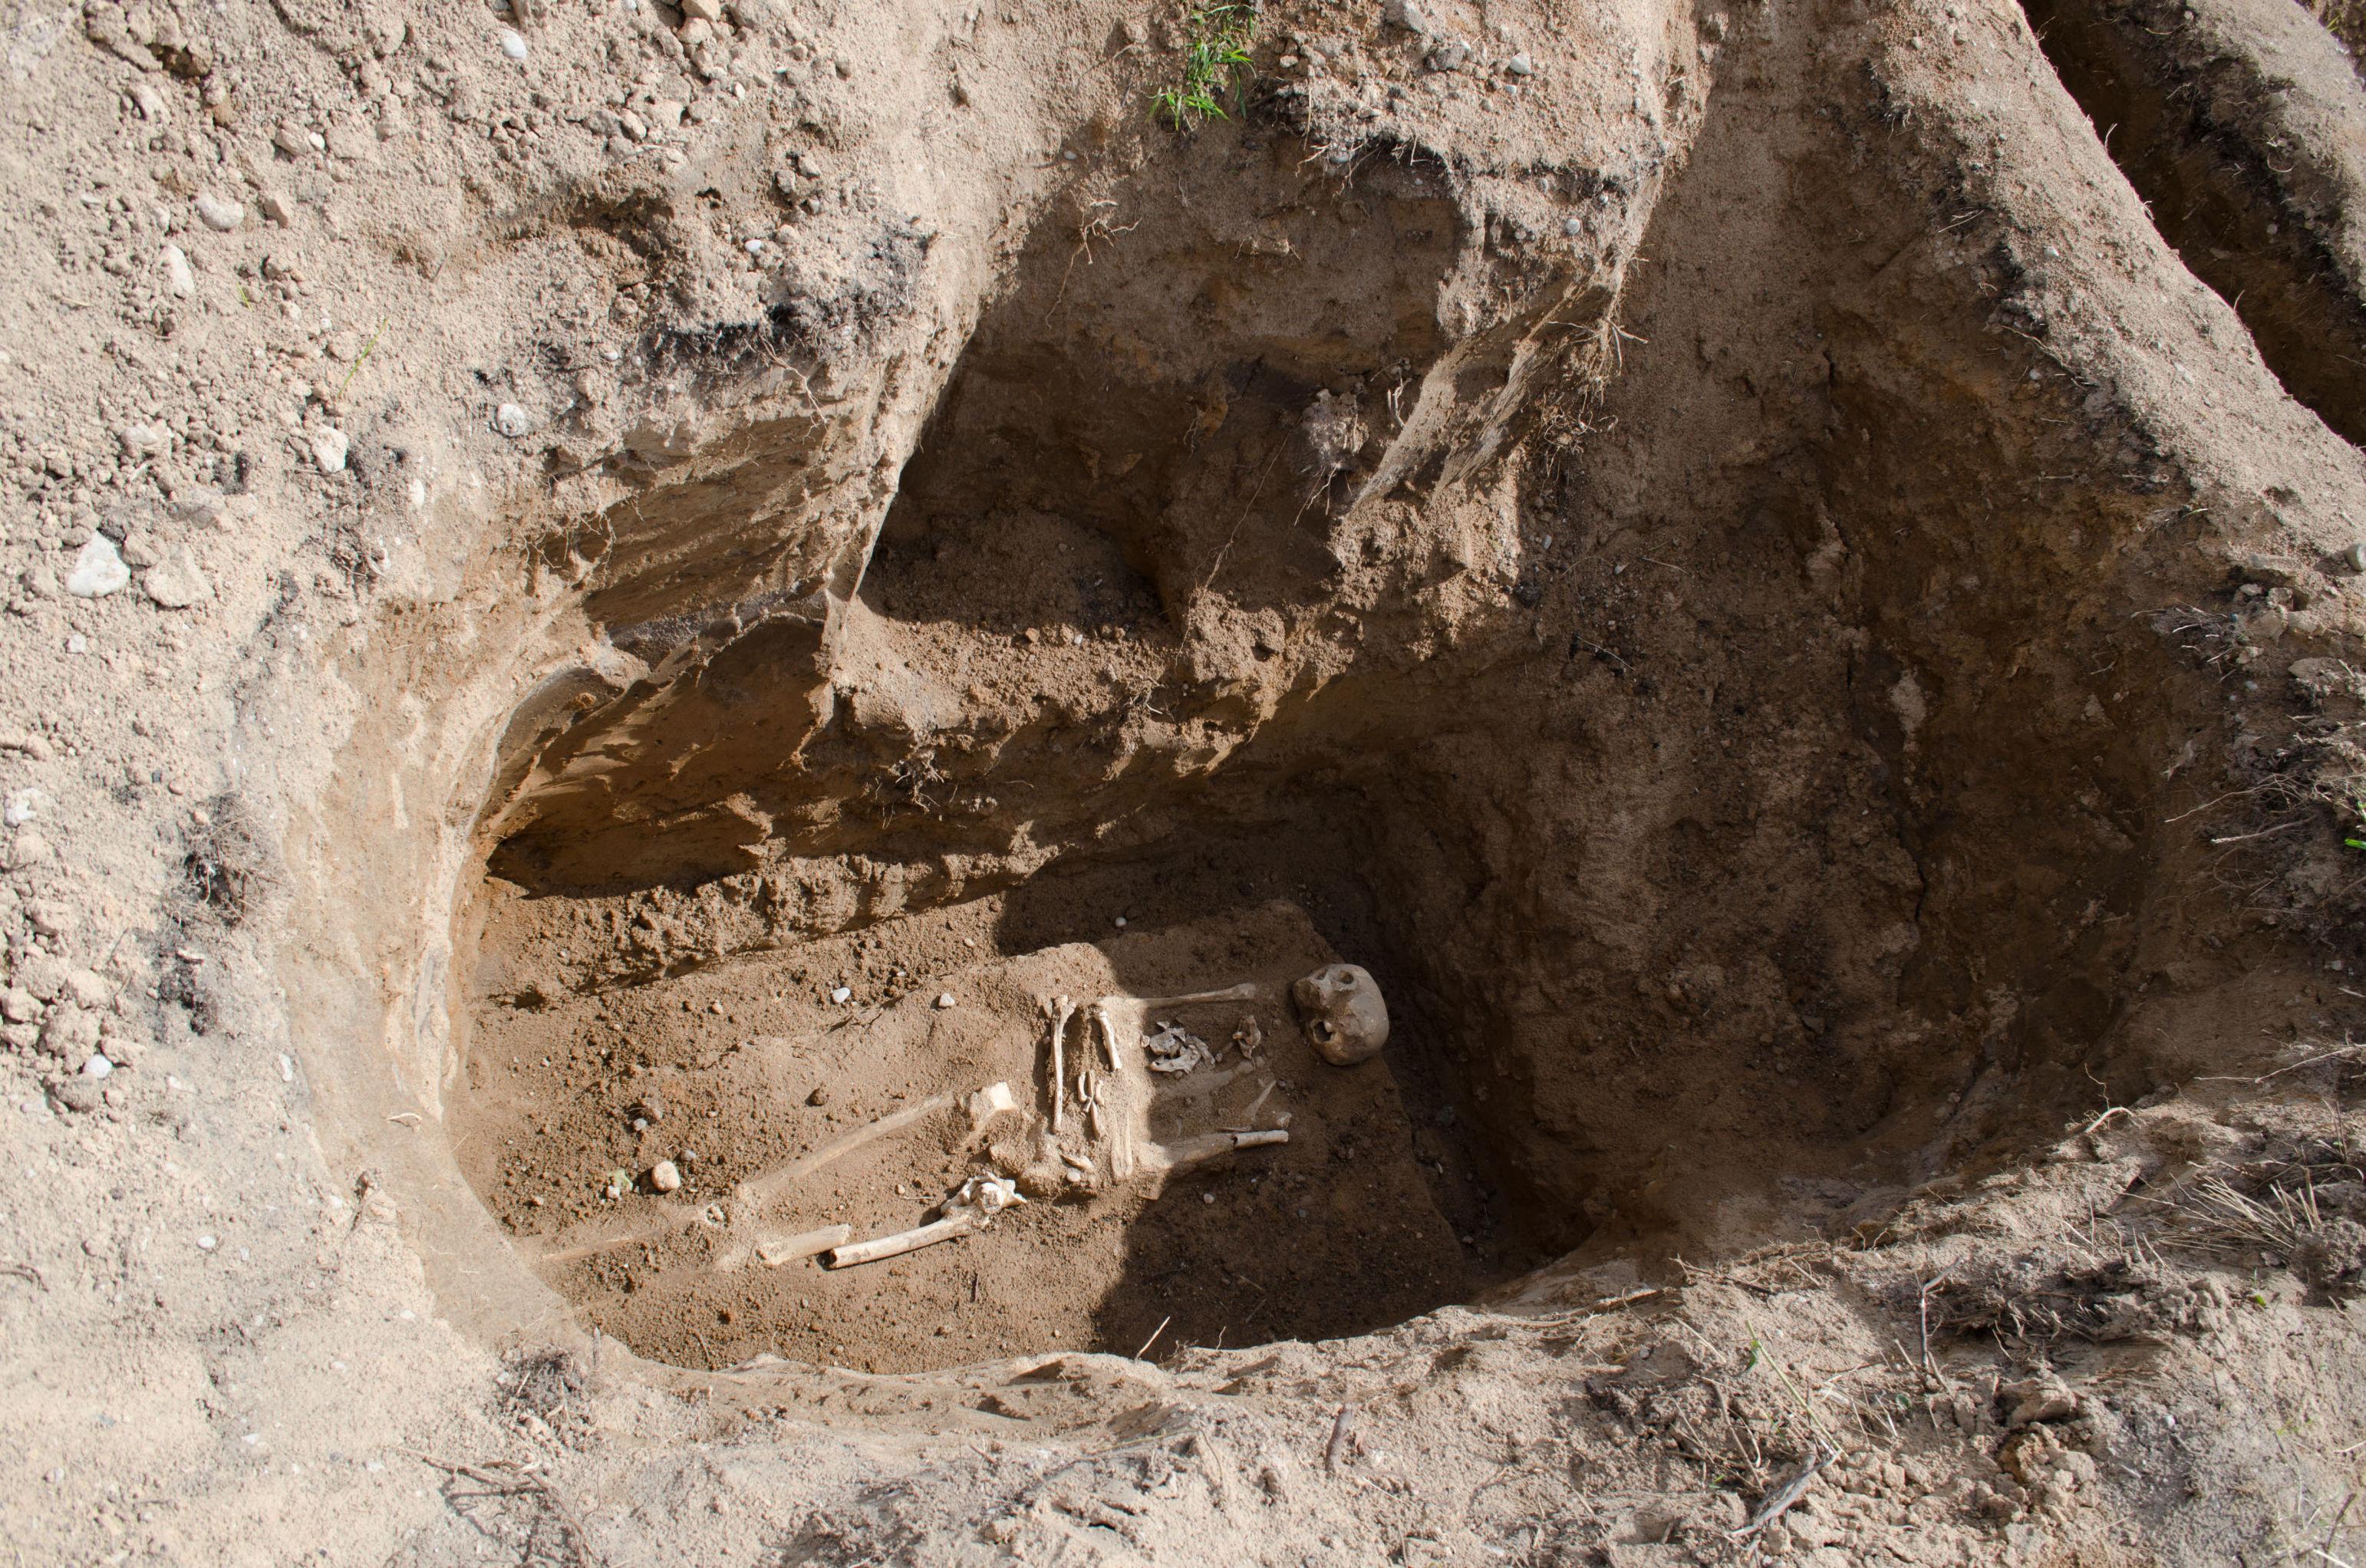 El esqueleto de una de las víctimas de los represores pronazis en Zhestianaya Gorka